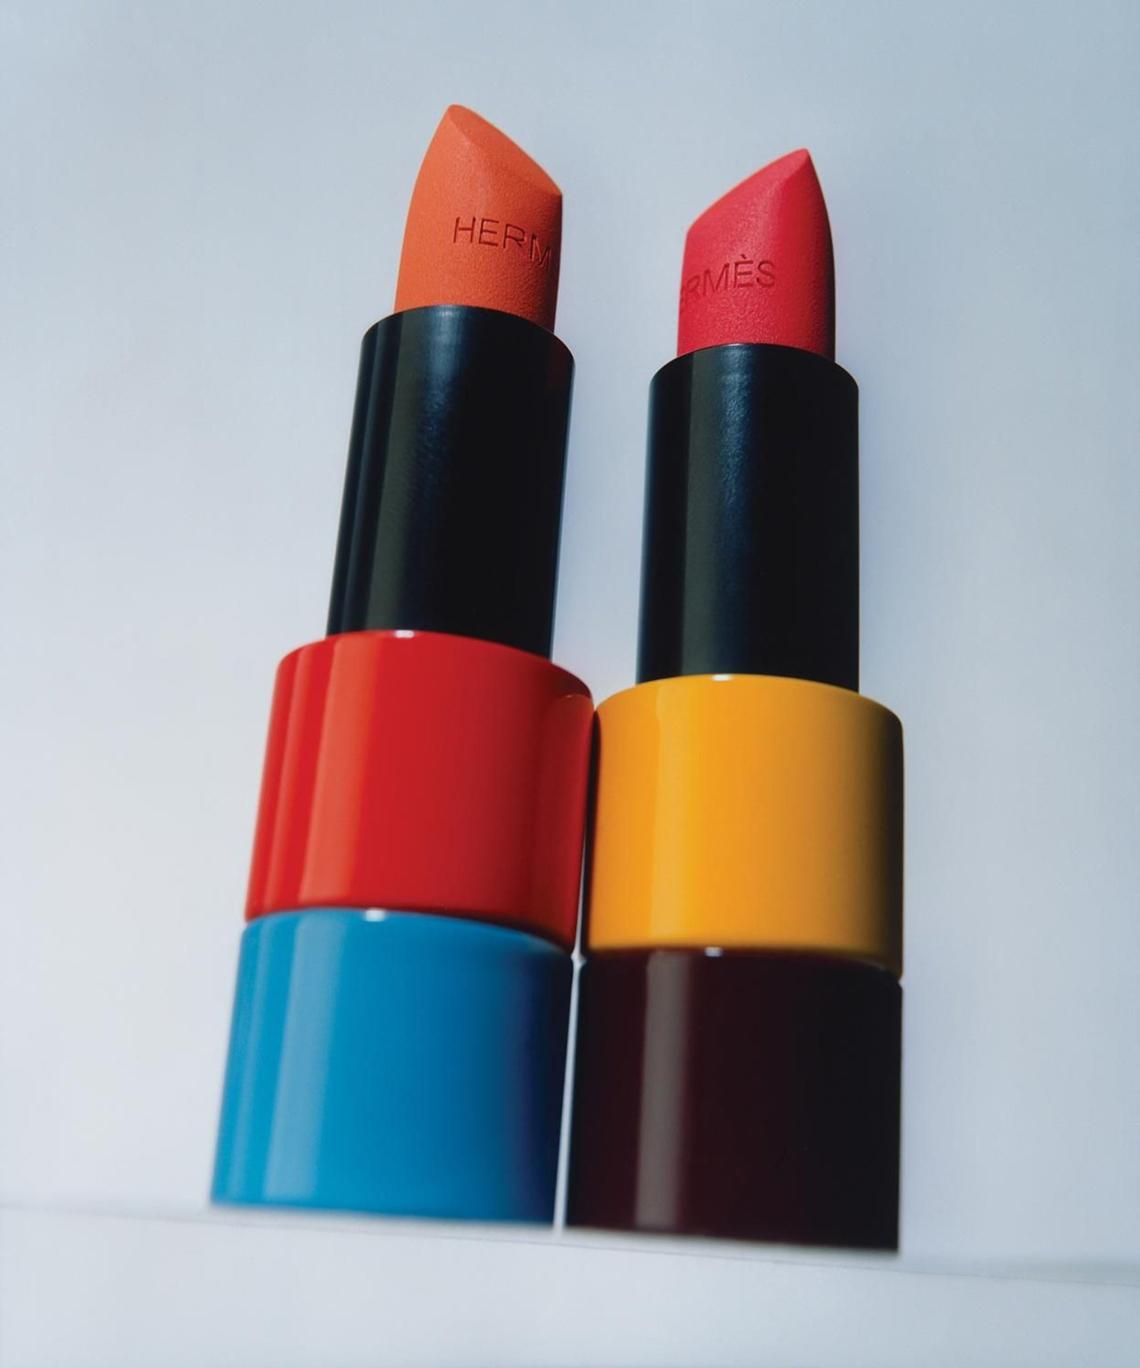 Hermès ra mắt dòng trang điểm mới Rouge Hermès, với 24 thỏi son được lấy cảm hứng từ túi Birkin - 04